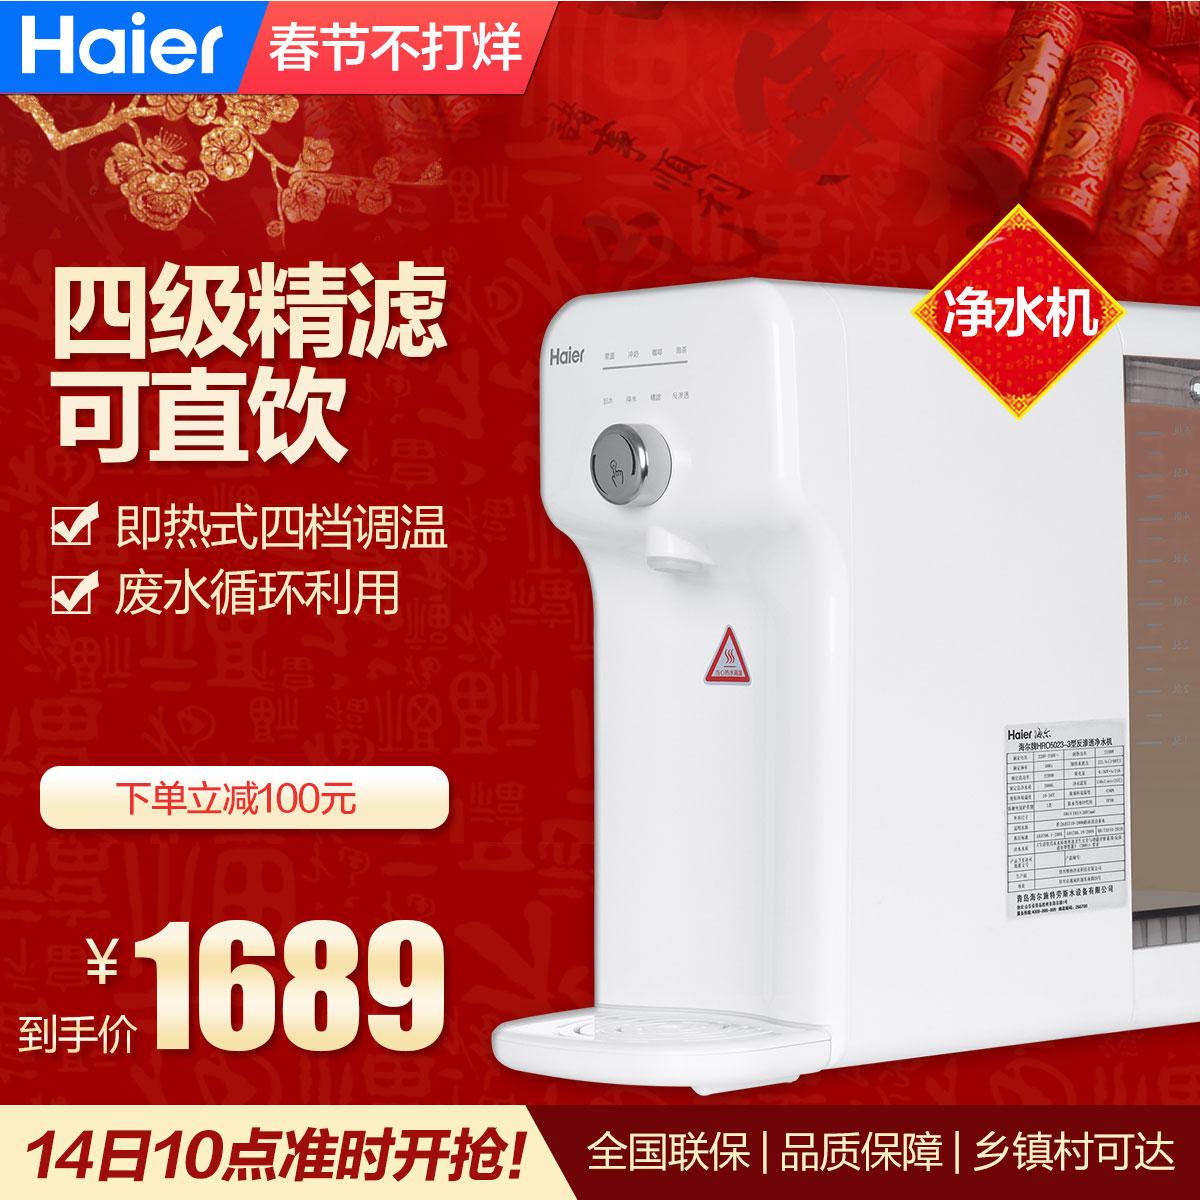 海尔 台上净水机 一体机 四级精滤可直饮 即热式四档调温 废水循环利用 HRO5023-3